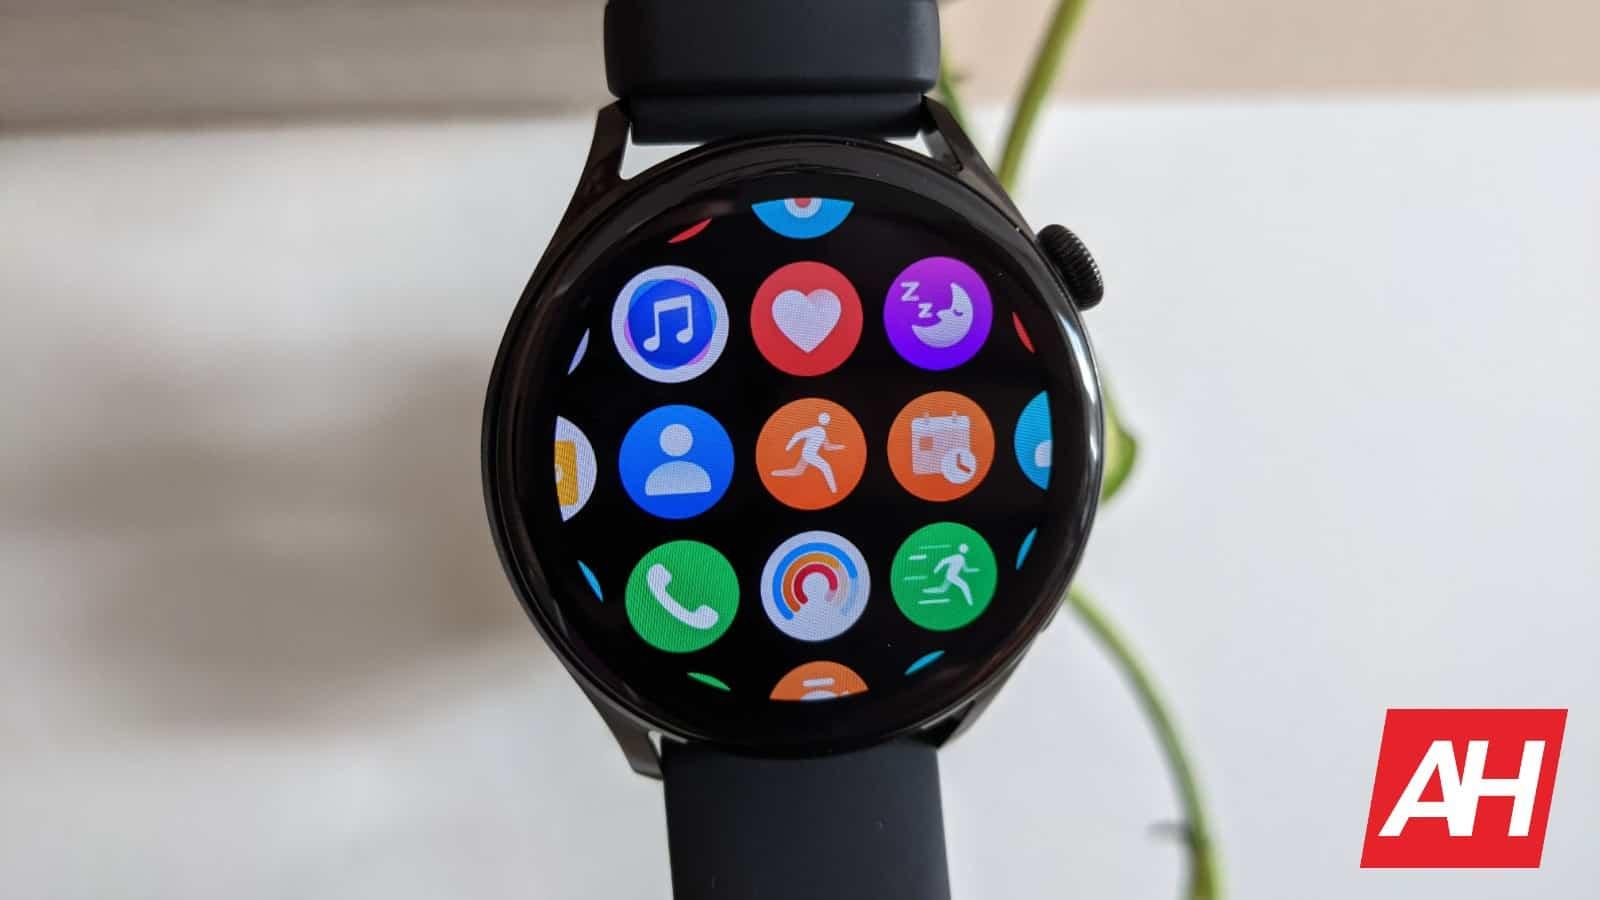 AH Huawei Watch 3 image 10